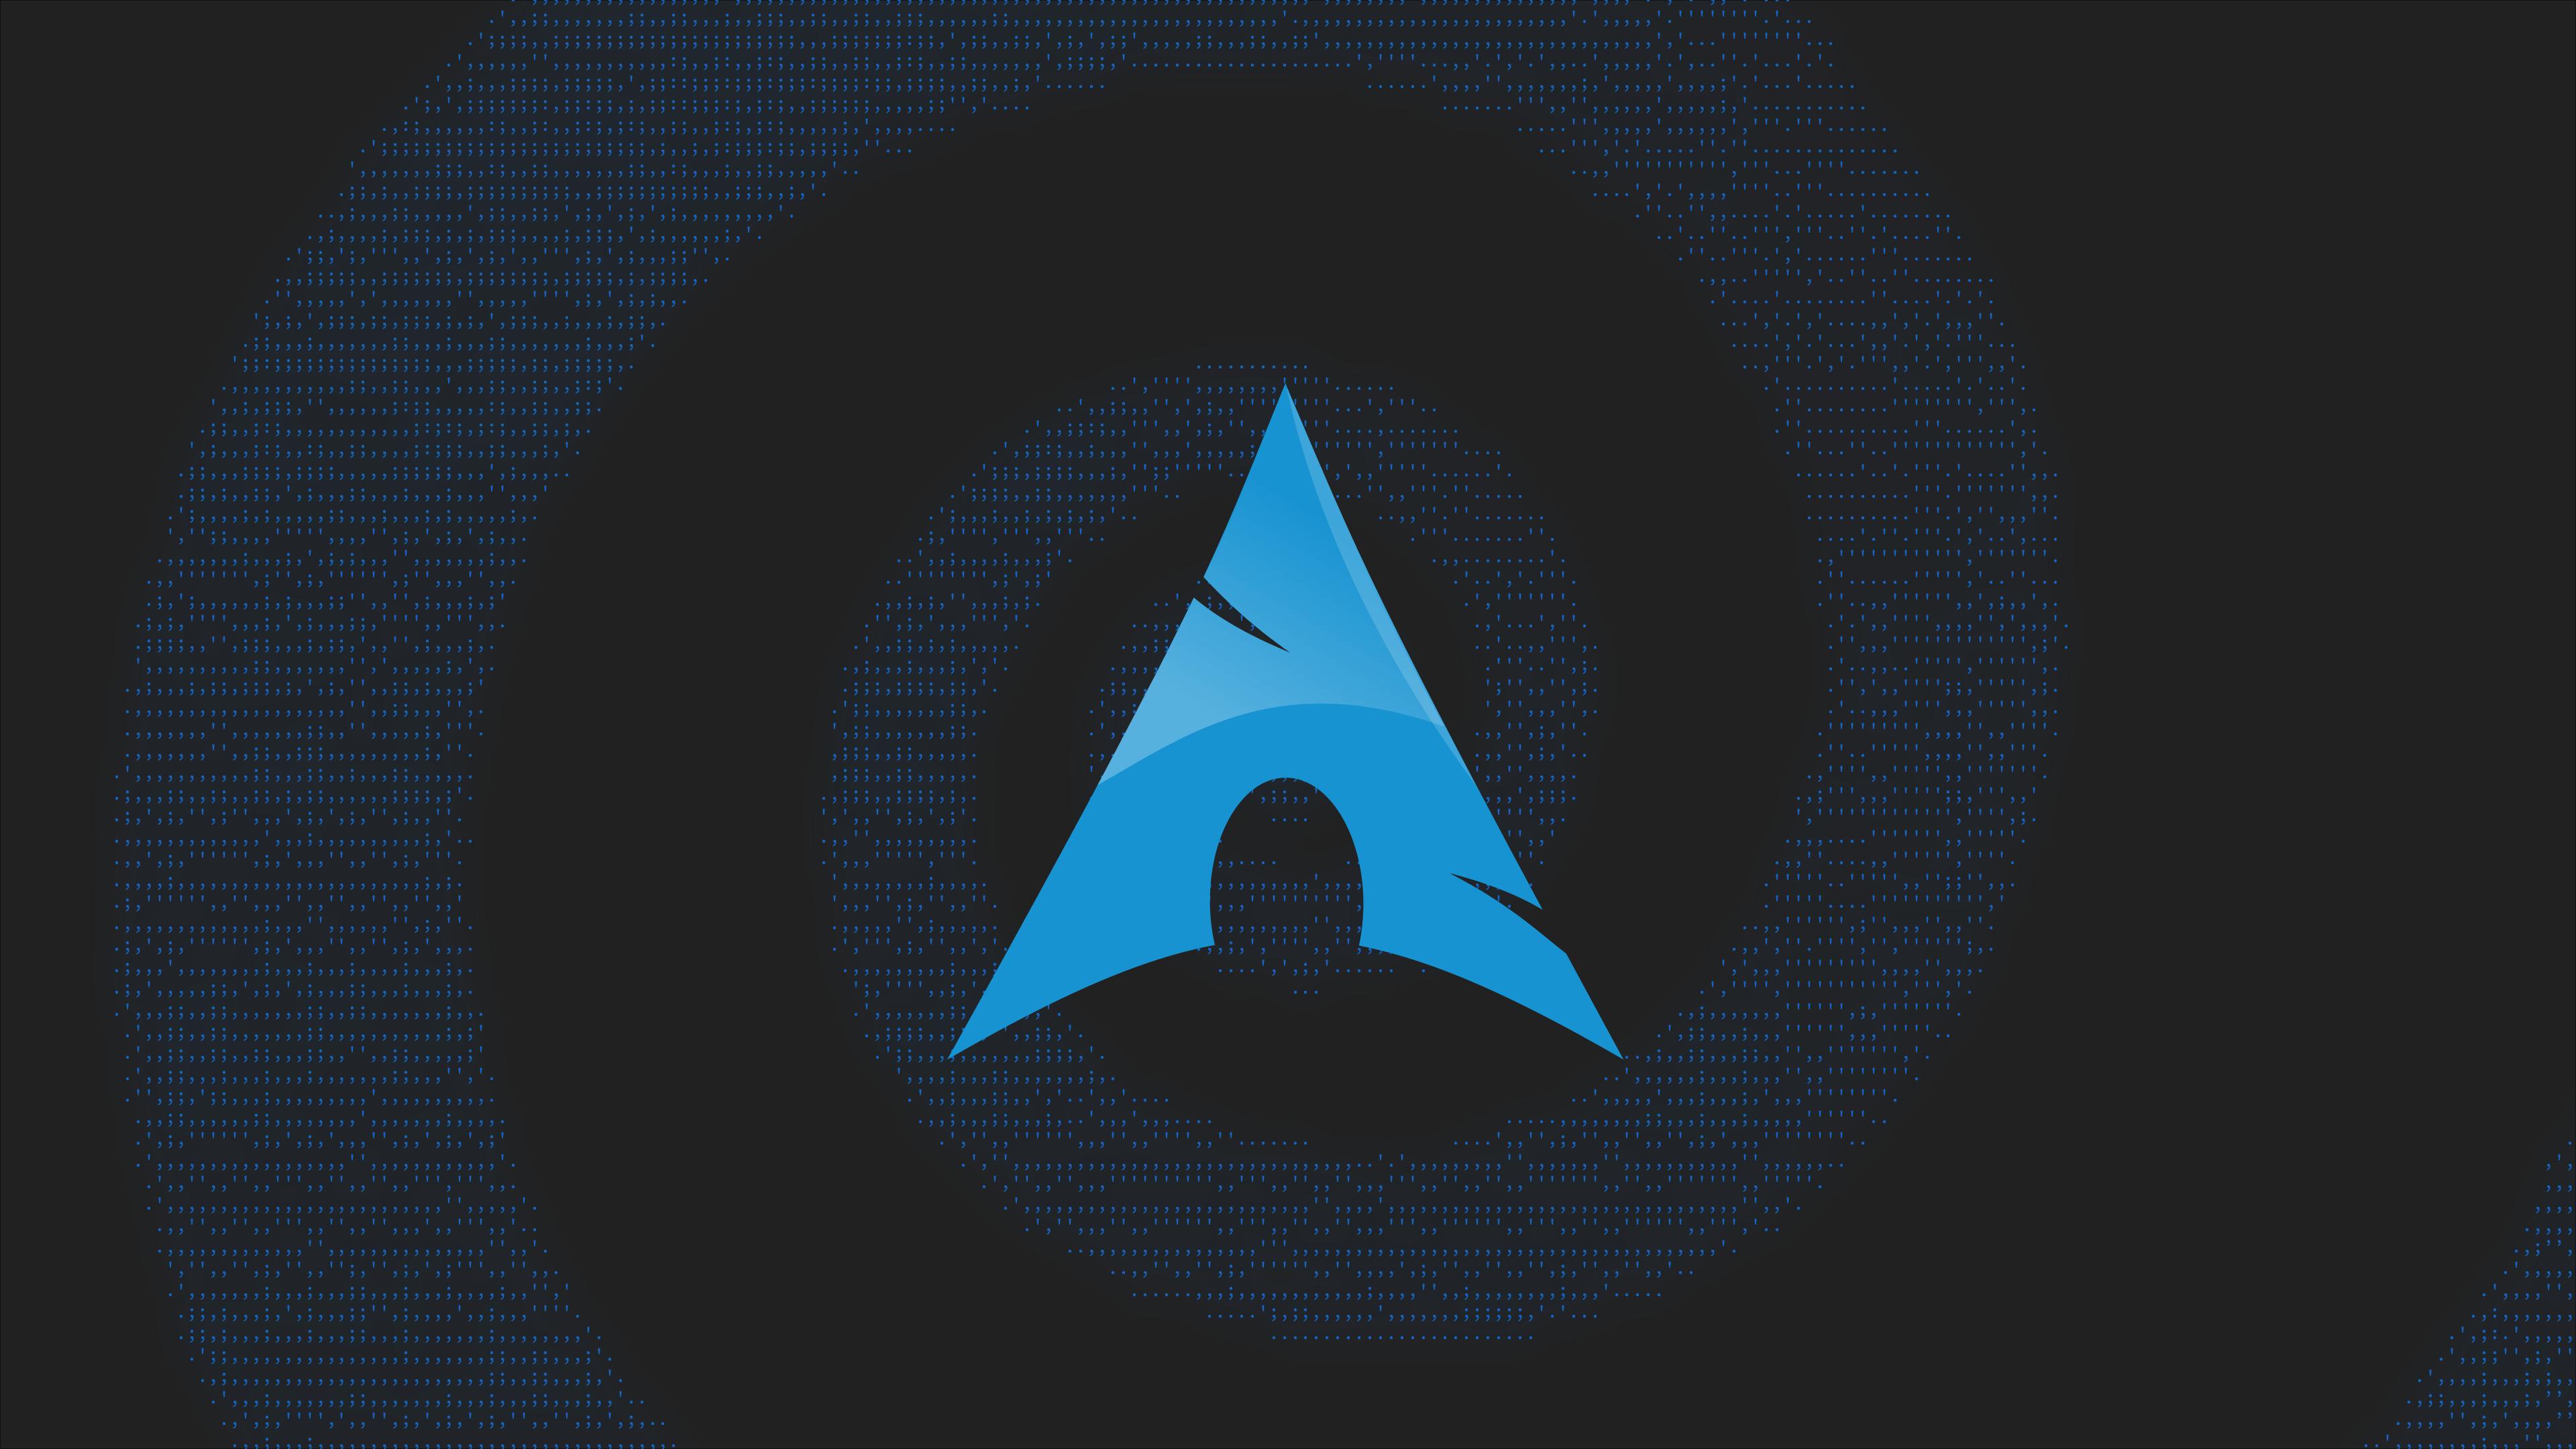 Wallpaper : Arch Linux, material minimal, minimalism, ASCII art